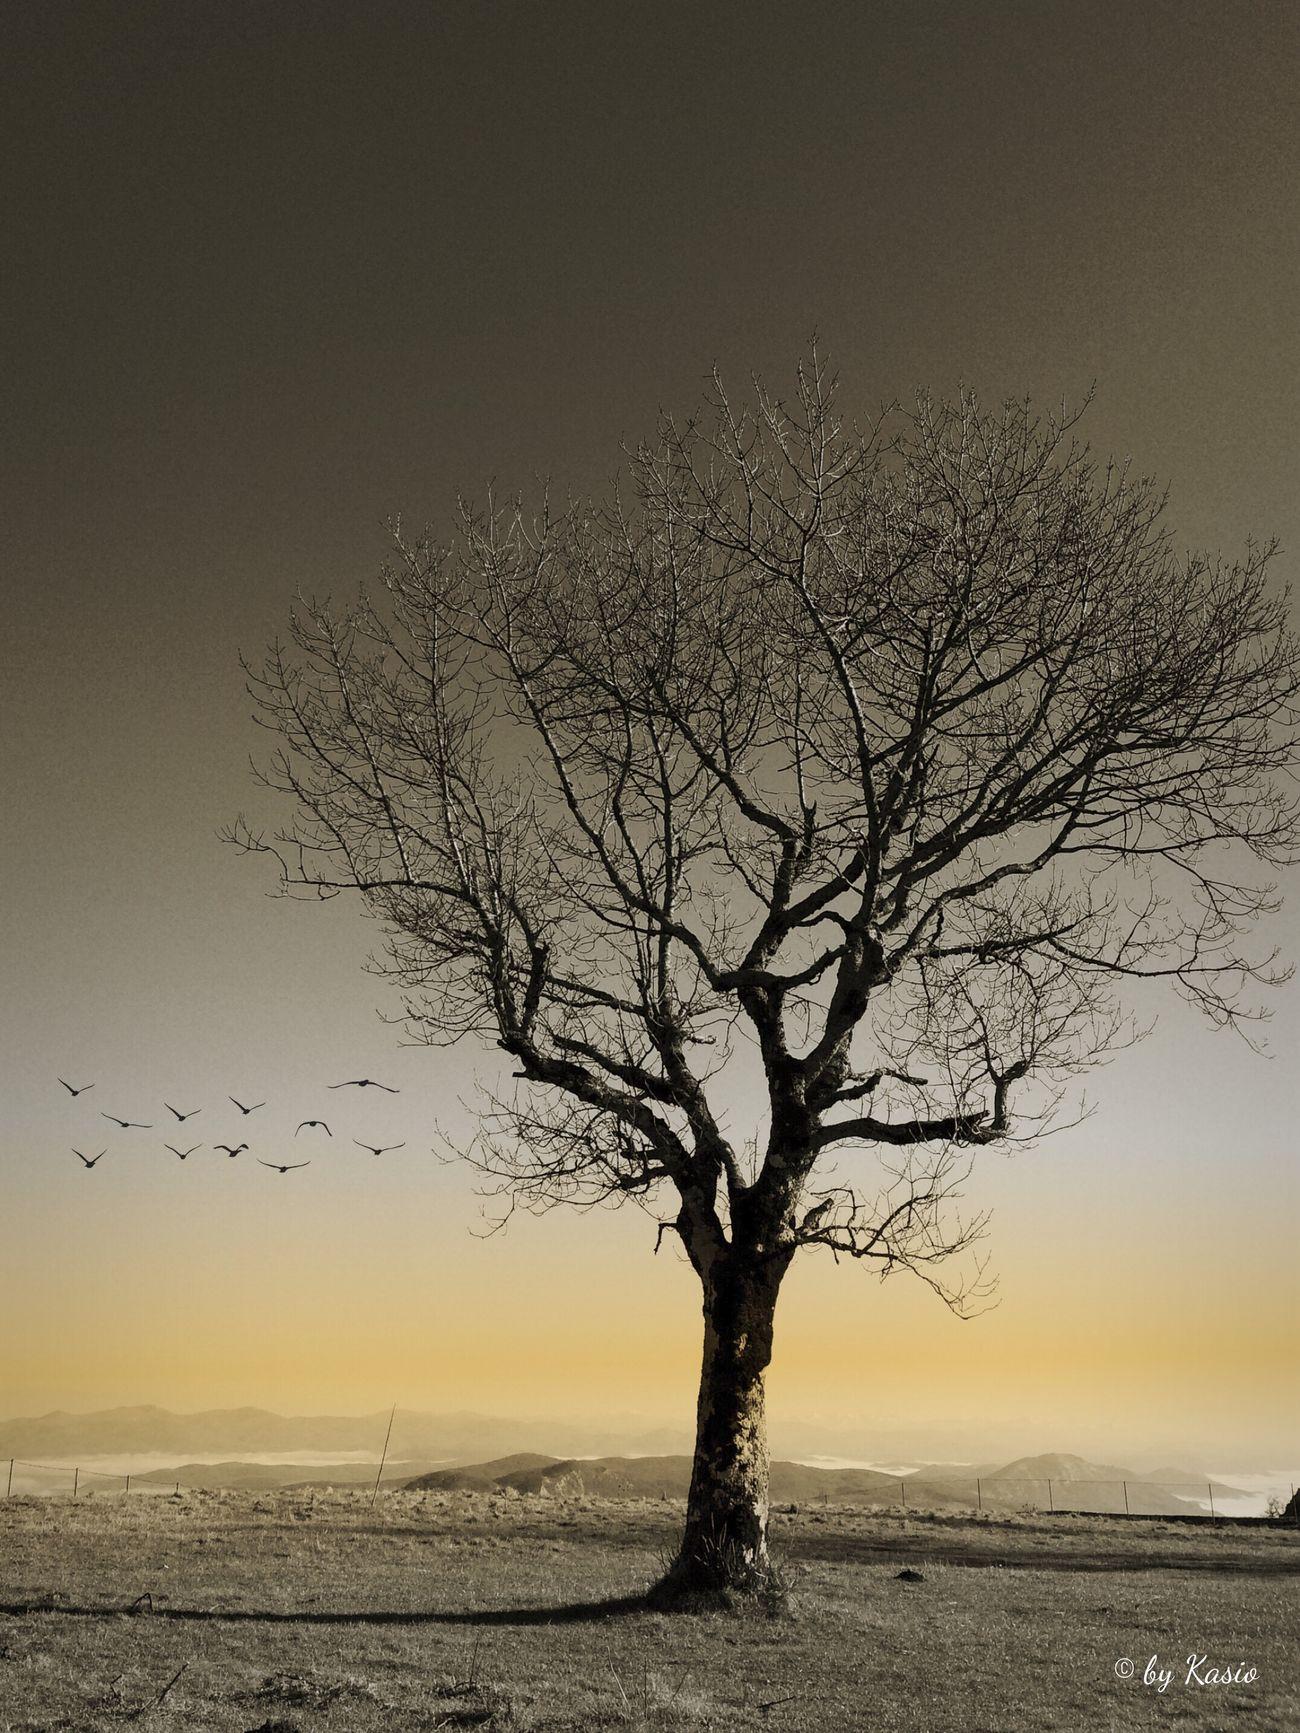 Mi mente libera intranquila, mi pensamiento en un canto, mi cuerpo quisiera estrecharlo contra el tuyo y romper en abrazo. Luis Lorite. Taking Photos Relaxing EyeEm Best Shots EyeEm Best Edits Eye4photography  Landscape_Collection Sky Collection TreePorn Monochrome